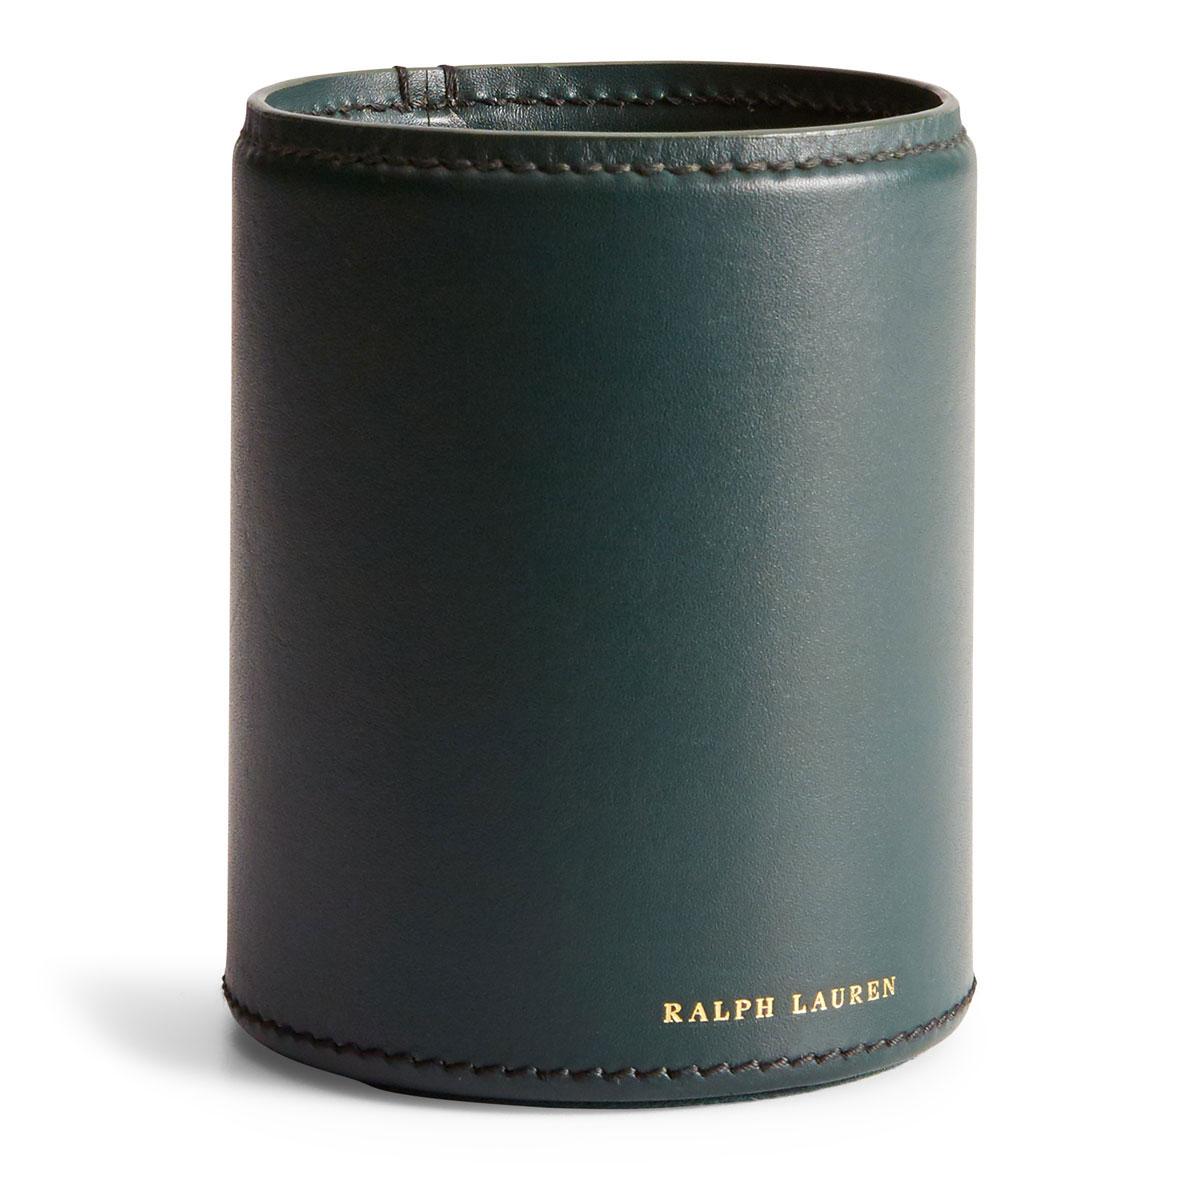 Ralph Lauren Brennan Pencil Cup, Lodin Green